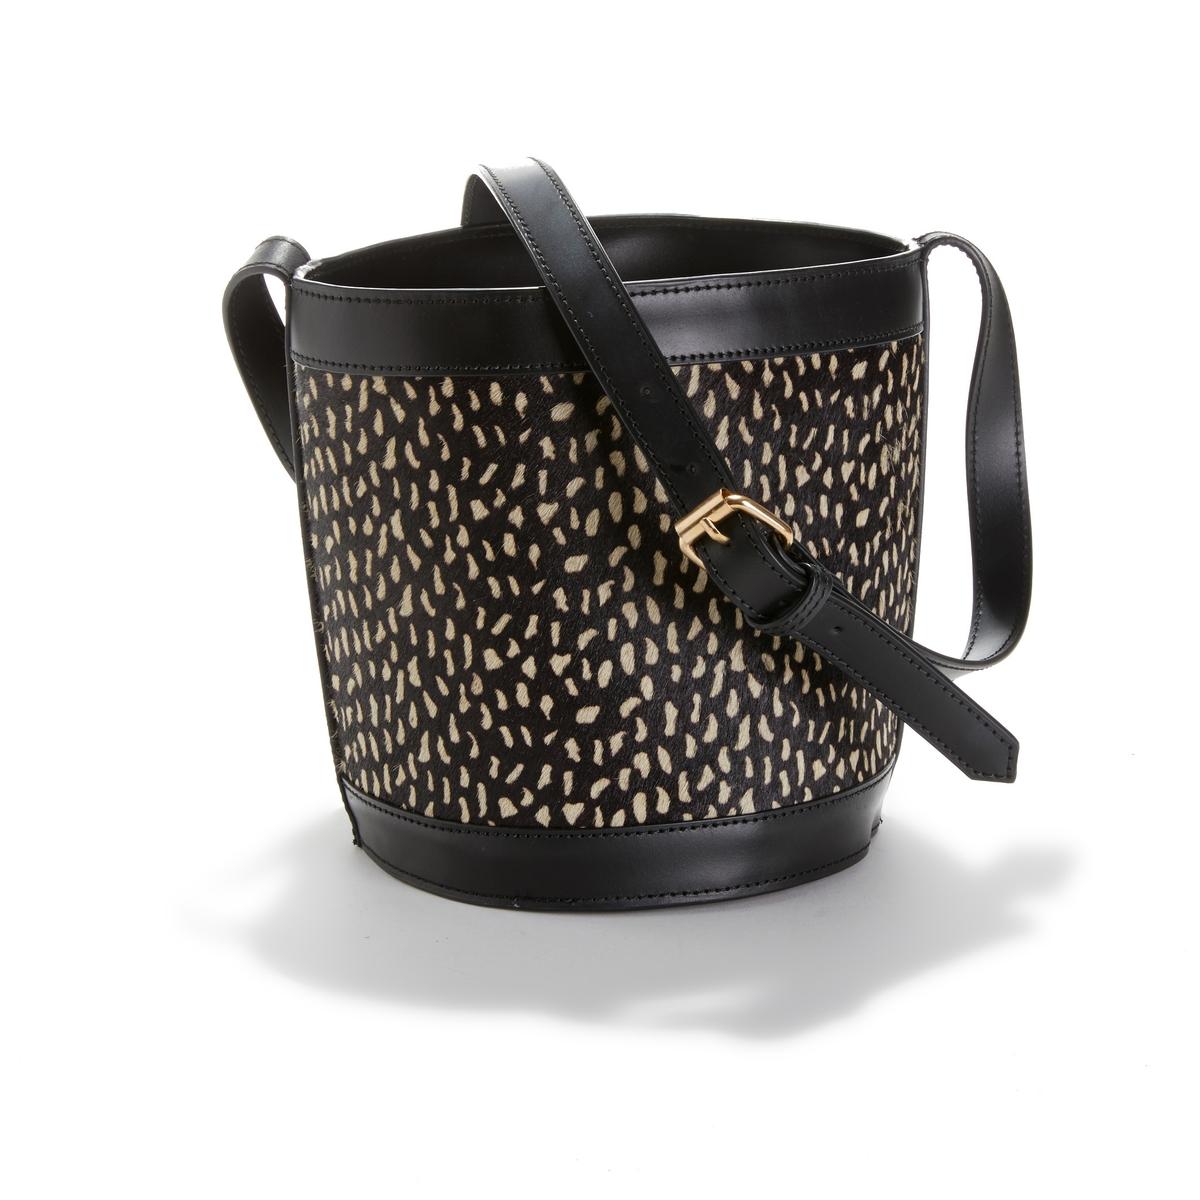 Bolso bucket de piel con motivo estilo leopardofasdasdfasdfasdf